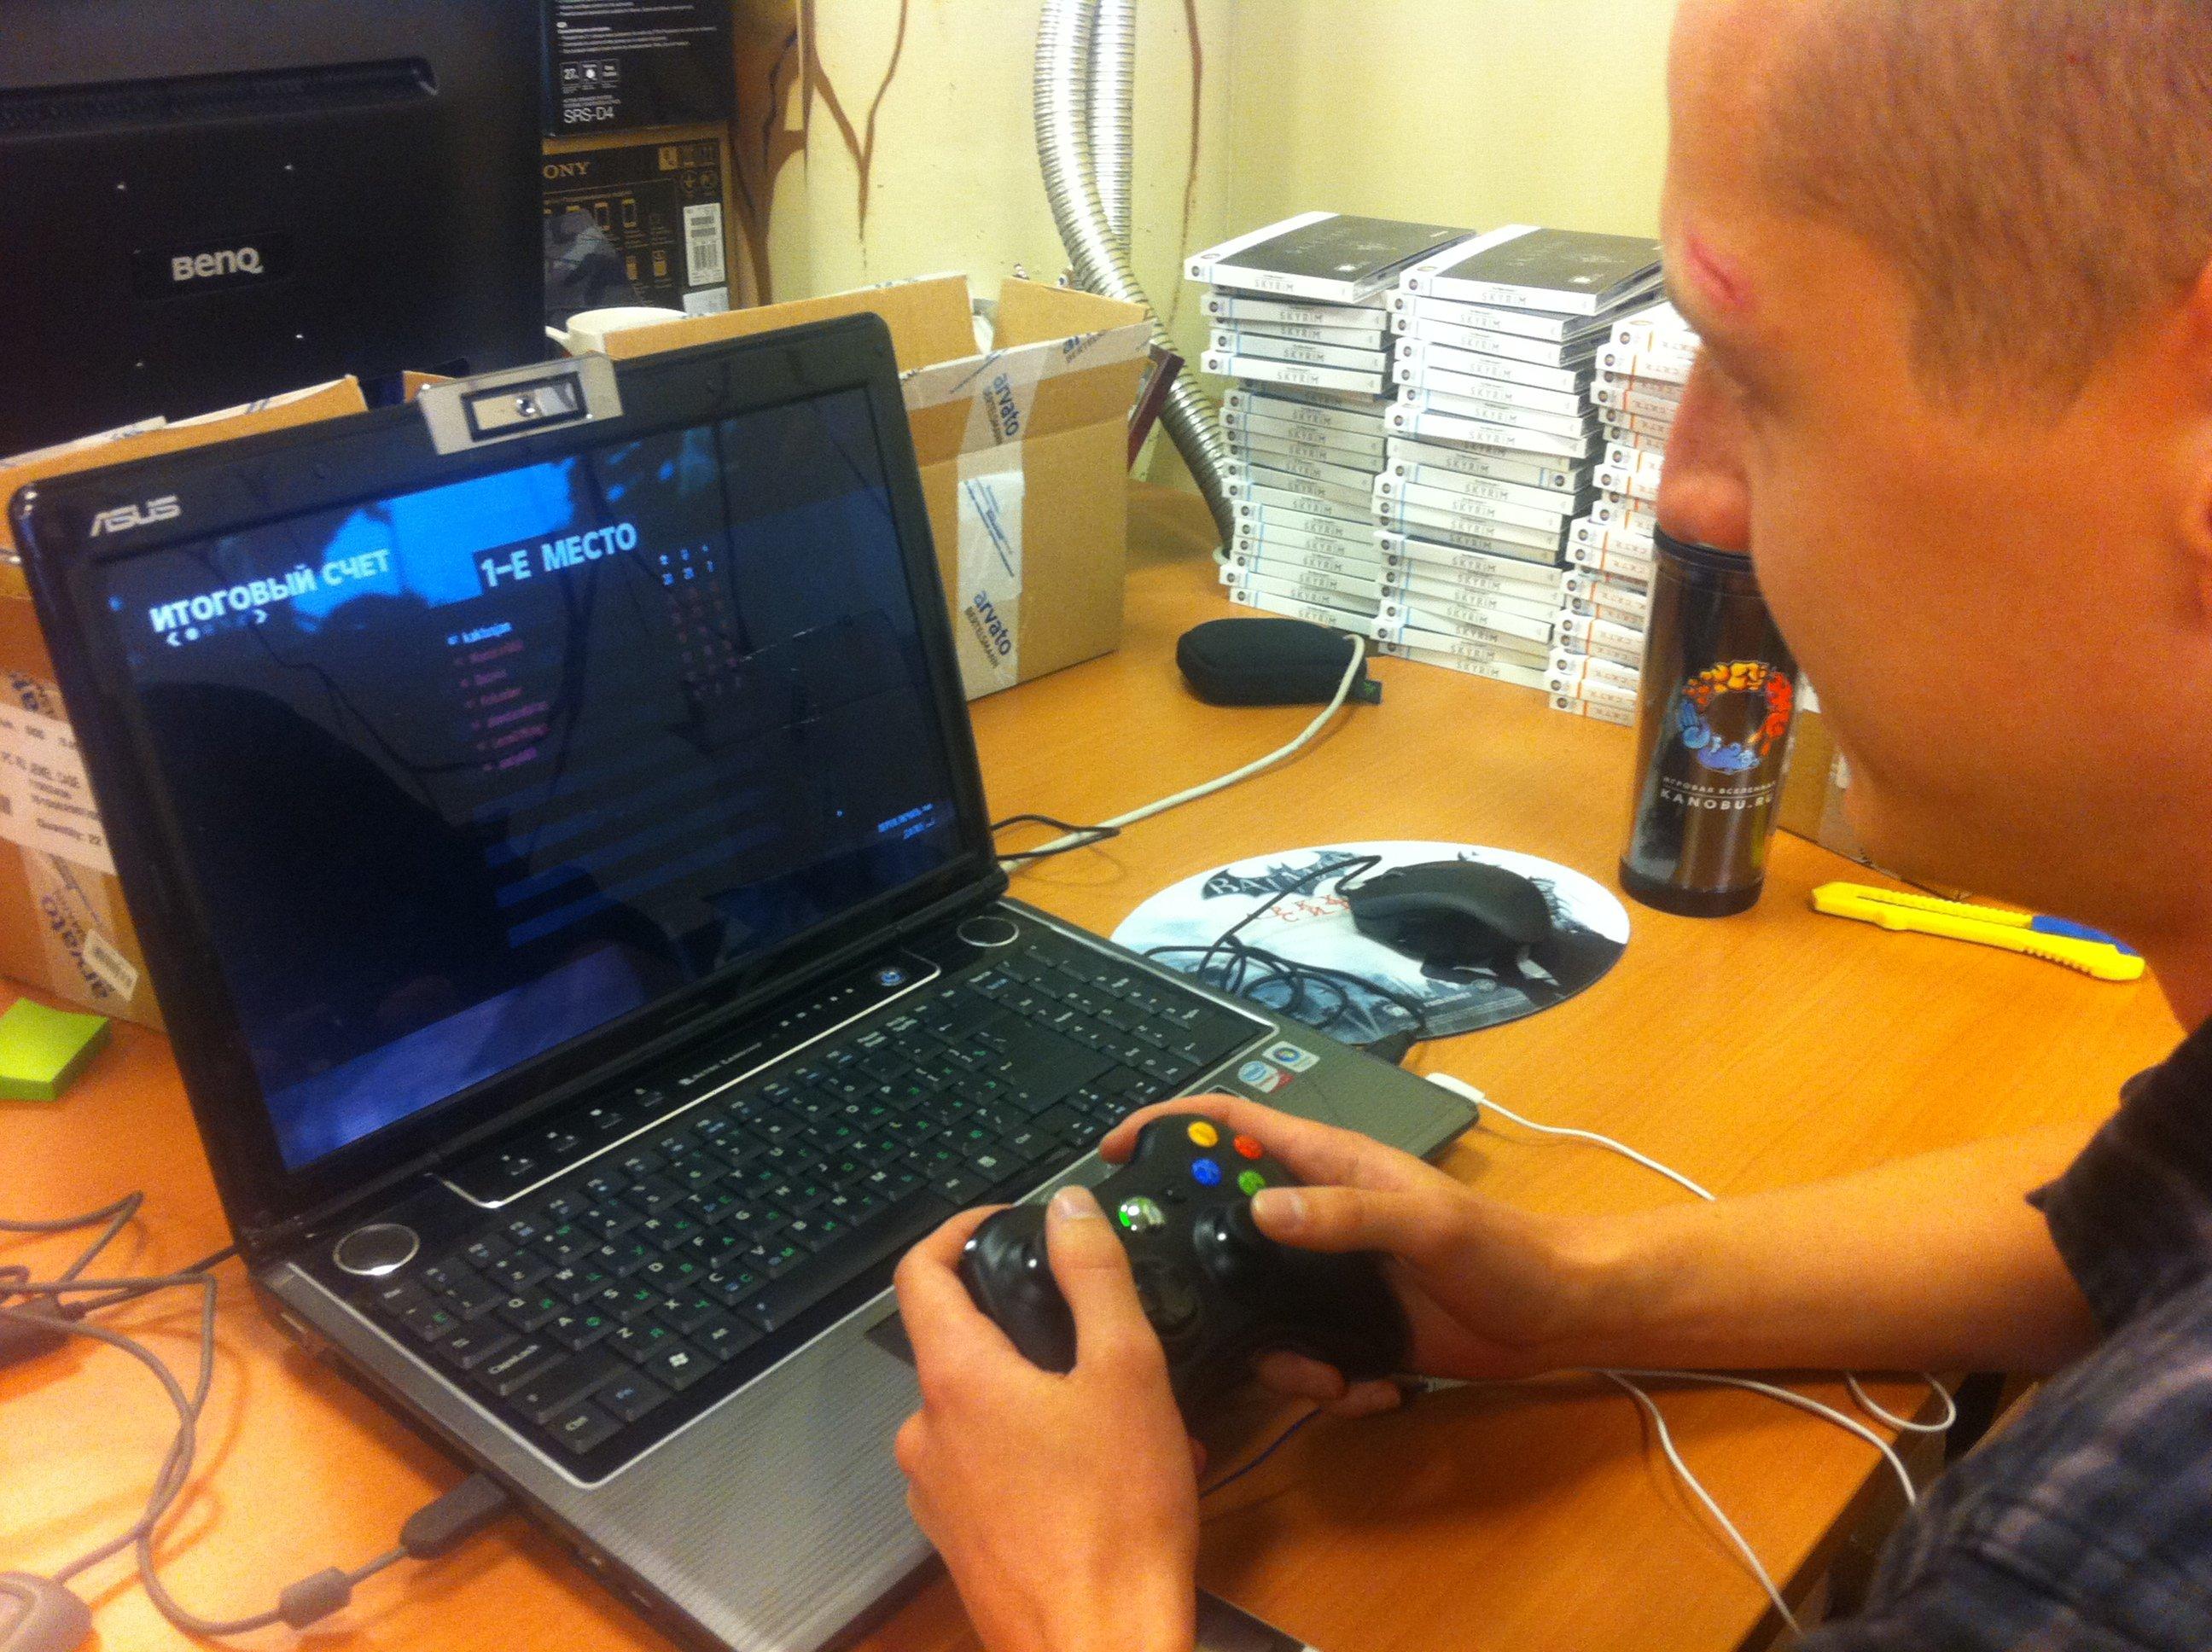 Холст, масло, ПК, геймпад, лучший игрок матча в Max Payne 3 с отрывом в 11 очков. Контент-менеджер EPIC | КанобуАлек ... - Изображение 1